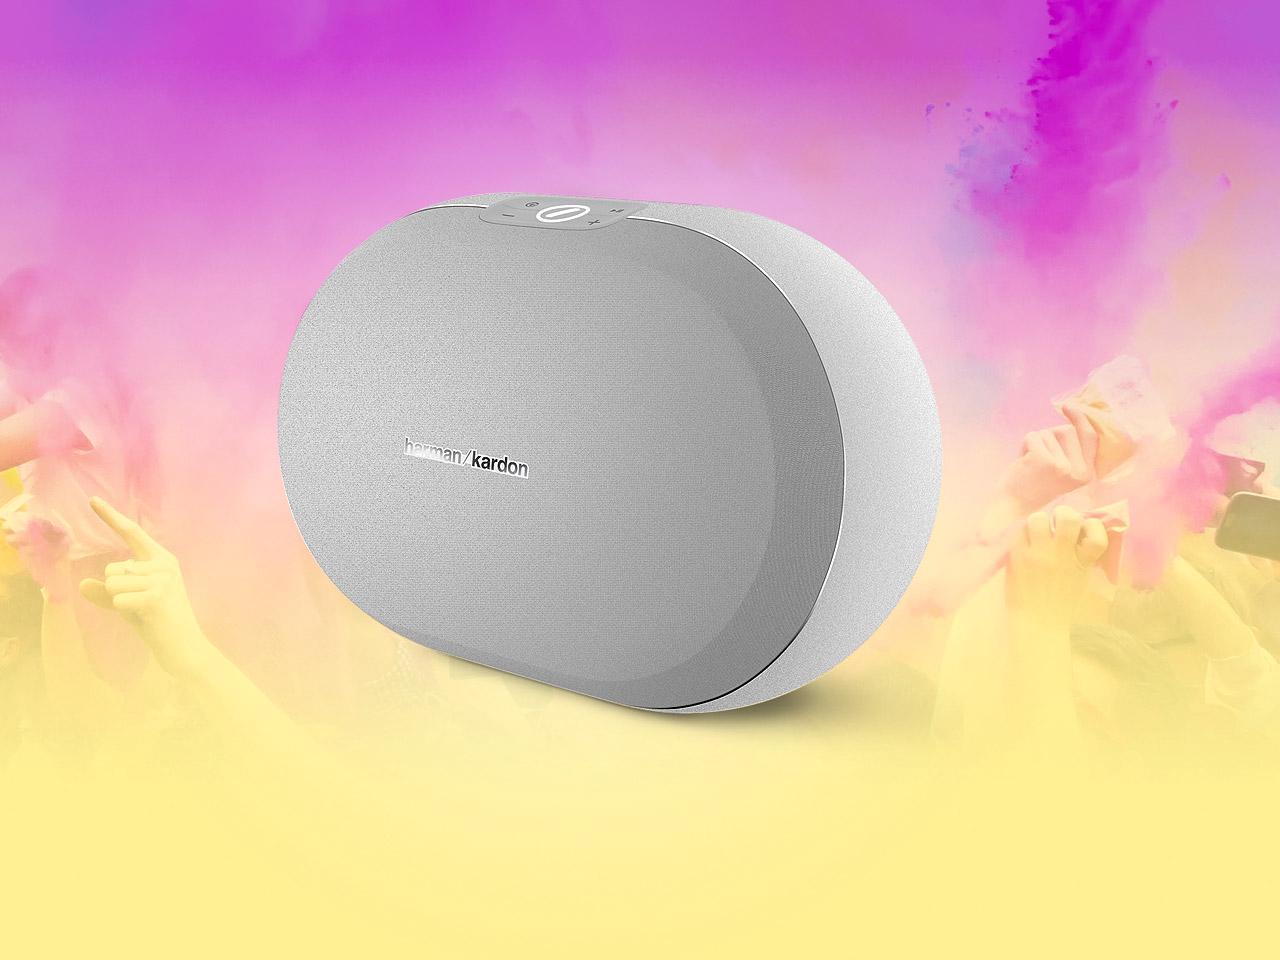 Harman Kardon Omni 20+ Wireless Speaker (white) - $100 with free shipping $99.95